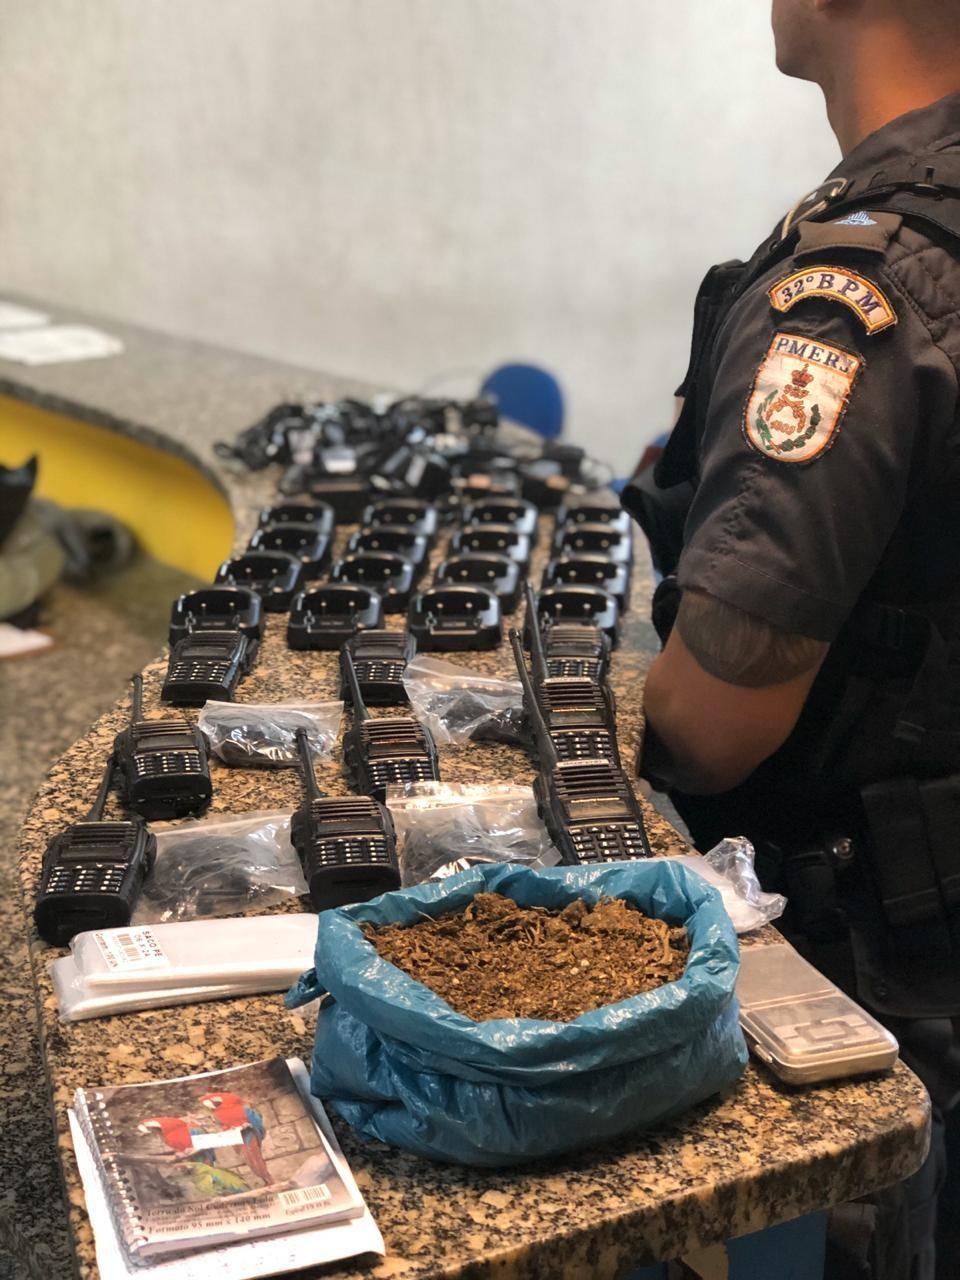 Homem é preso com quase meio quilo de droga em Macaé, RJ - Notícias - Plantão Diário